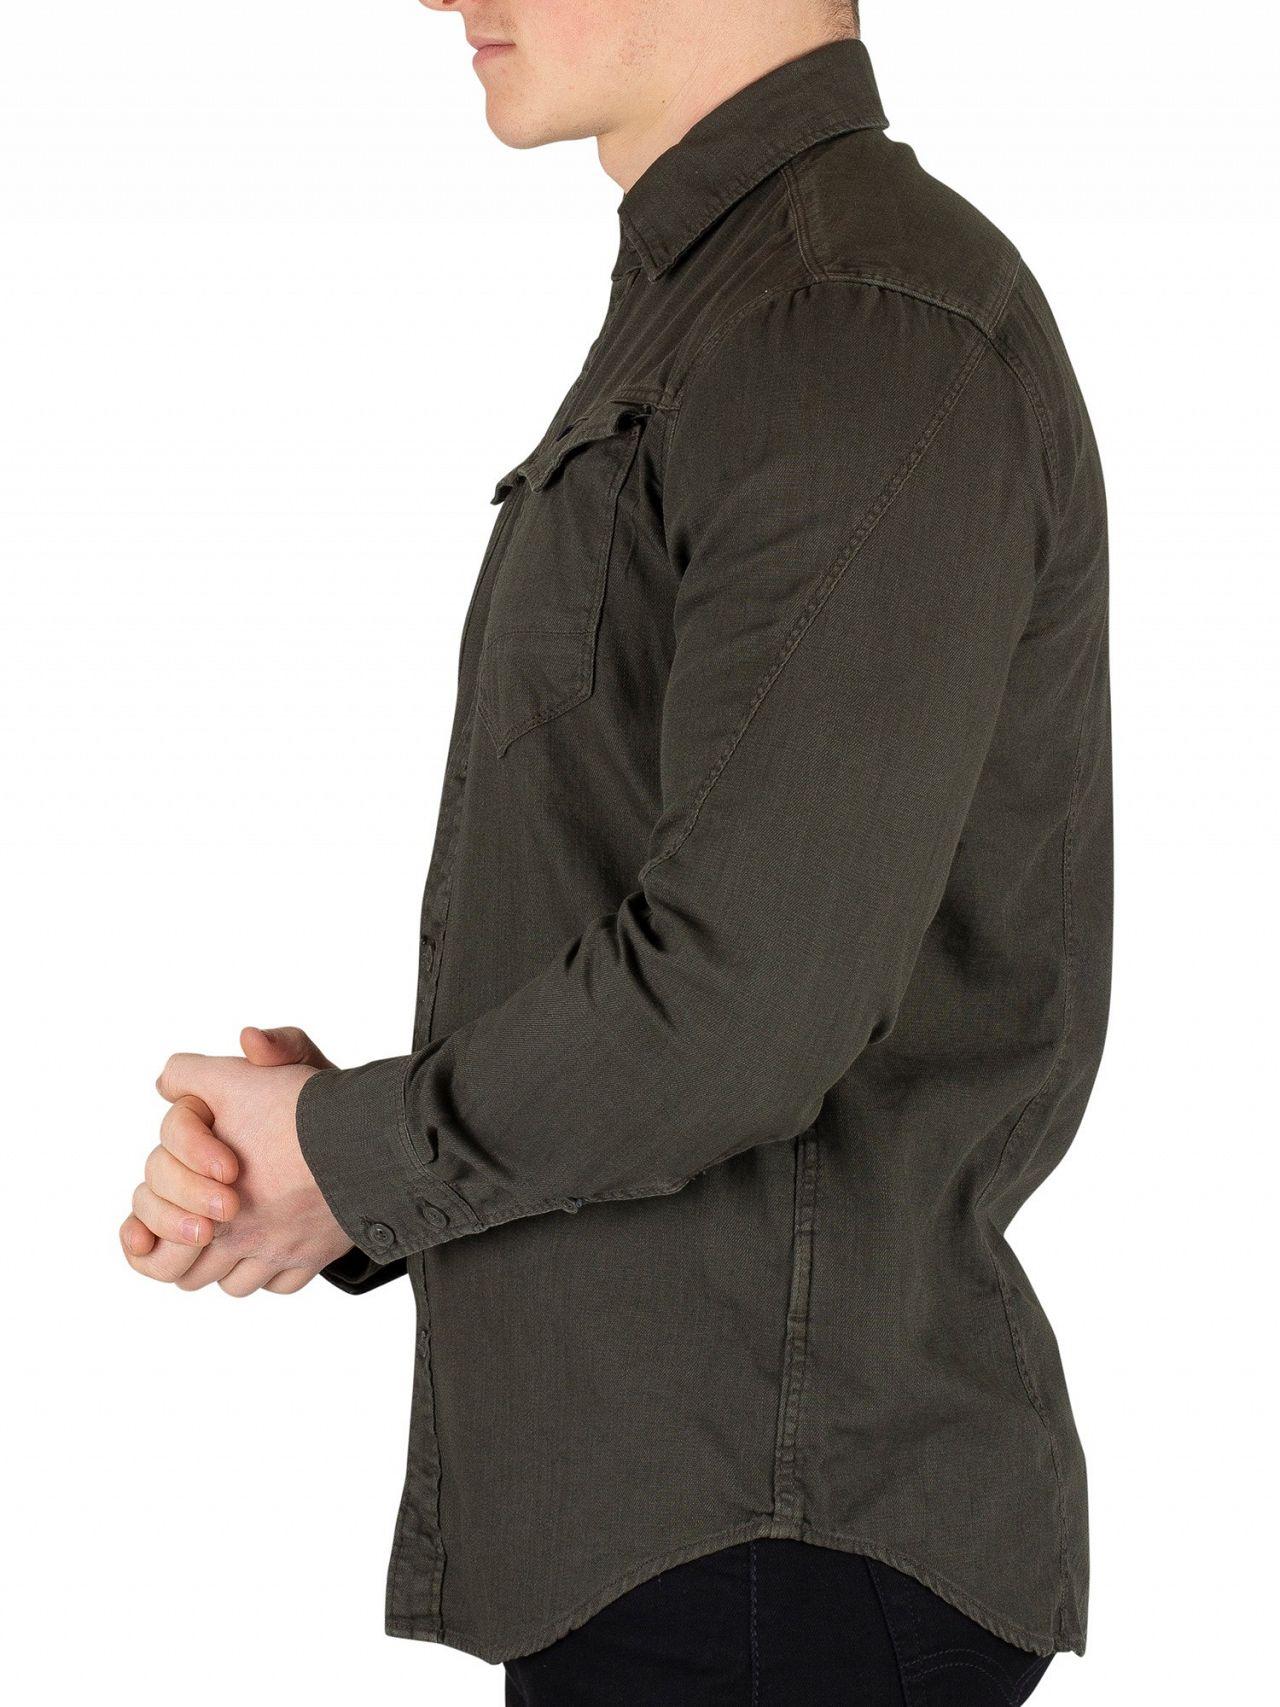 33d95b2453d504 G-Star Asfalt Arc 3D Slim Shirt   Standout